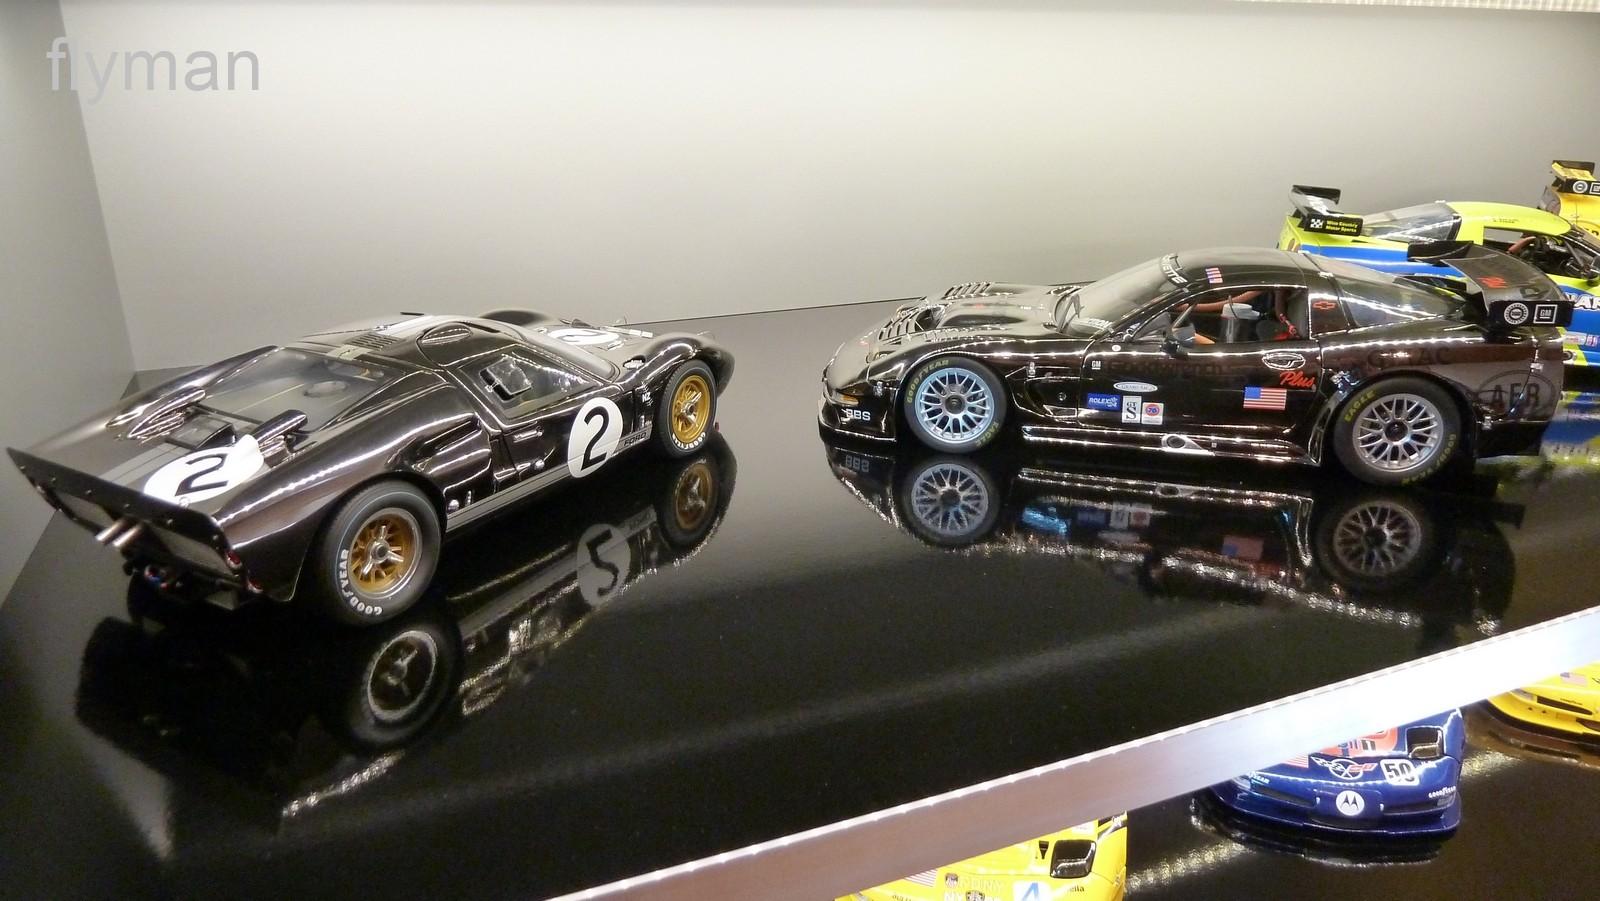 Zwei Modelle im seltenen Chrom-Schwarz